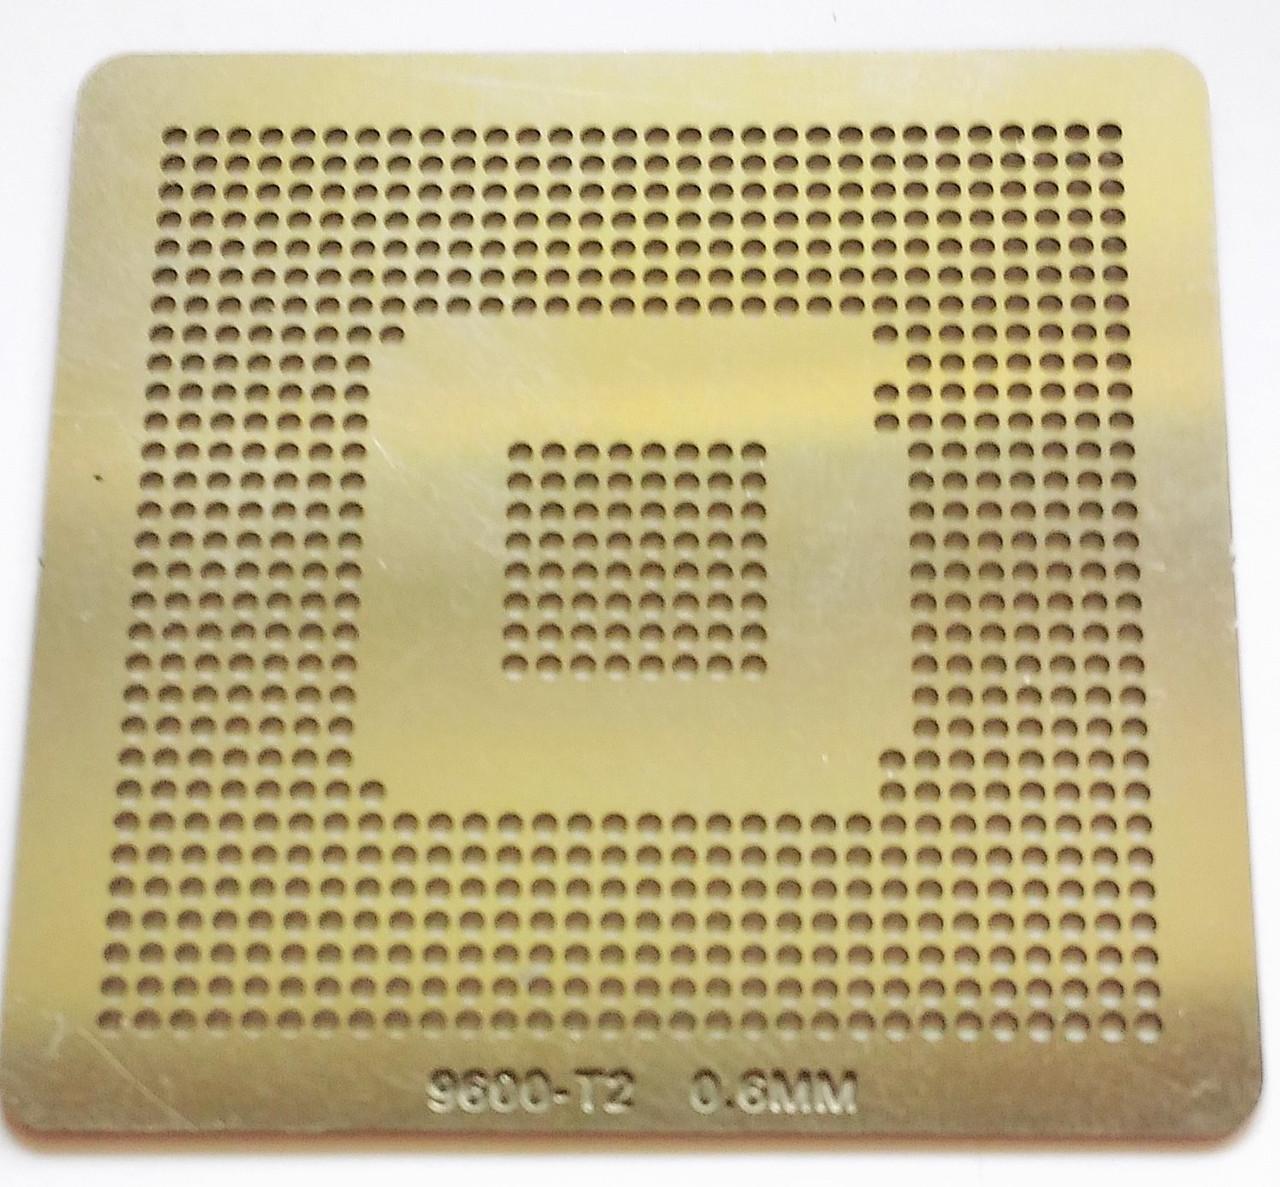 Трафарет BGA 9600-T2, шар 0,6 мм